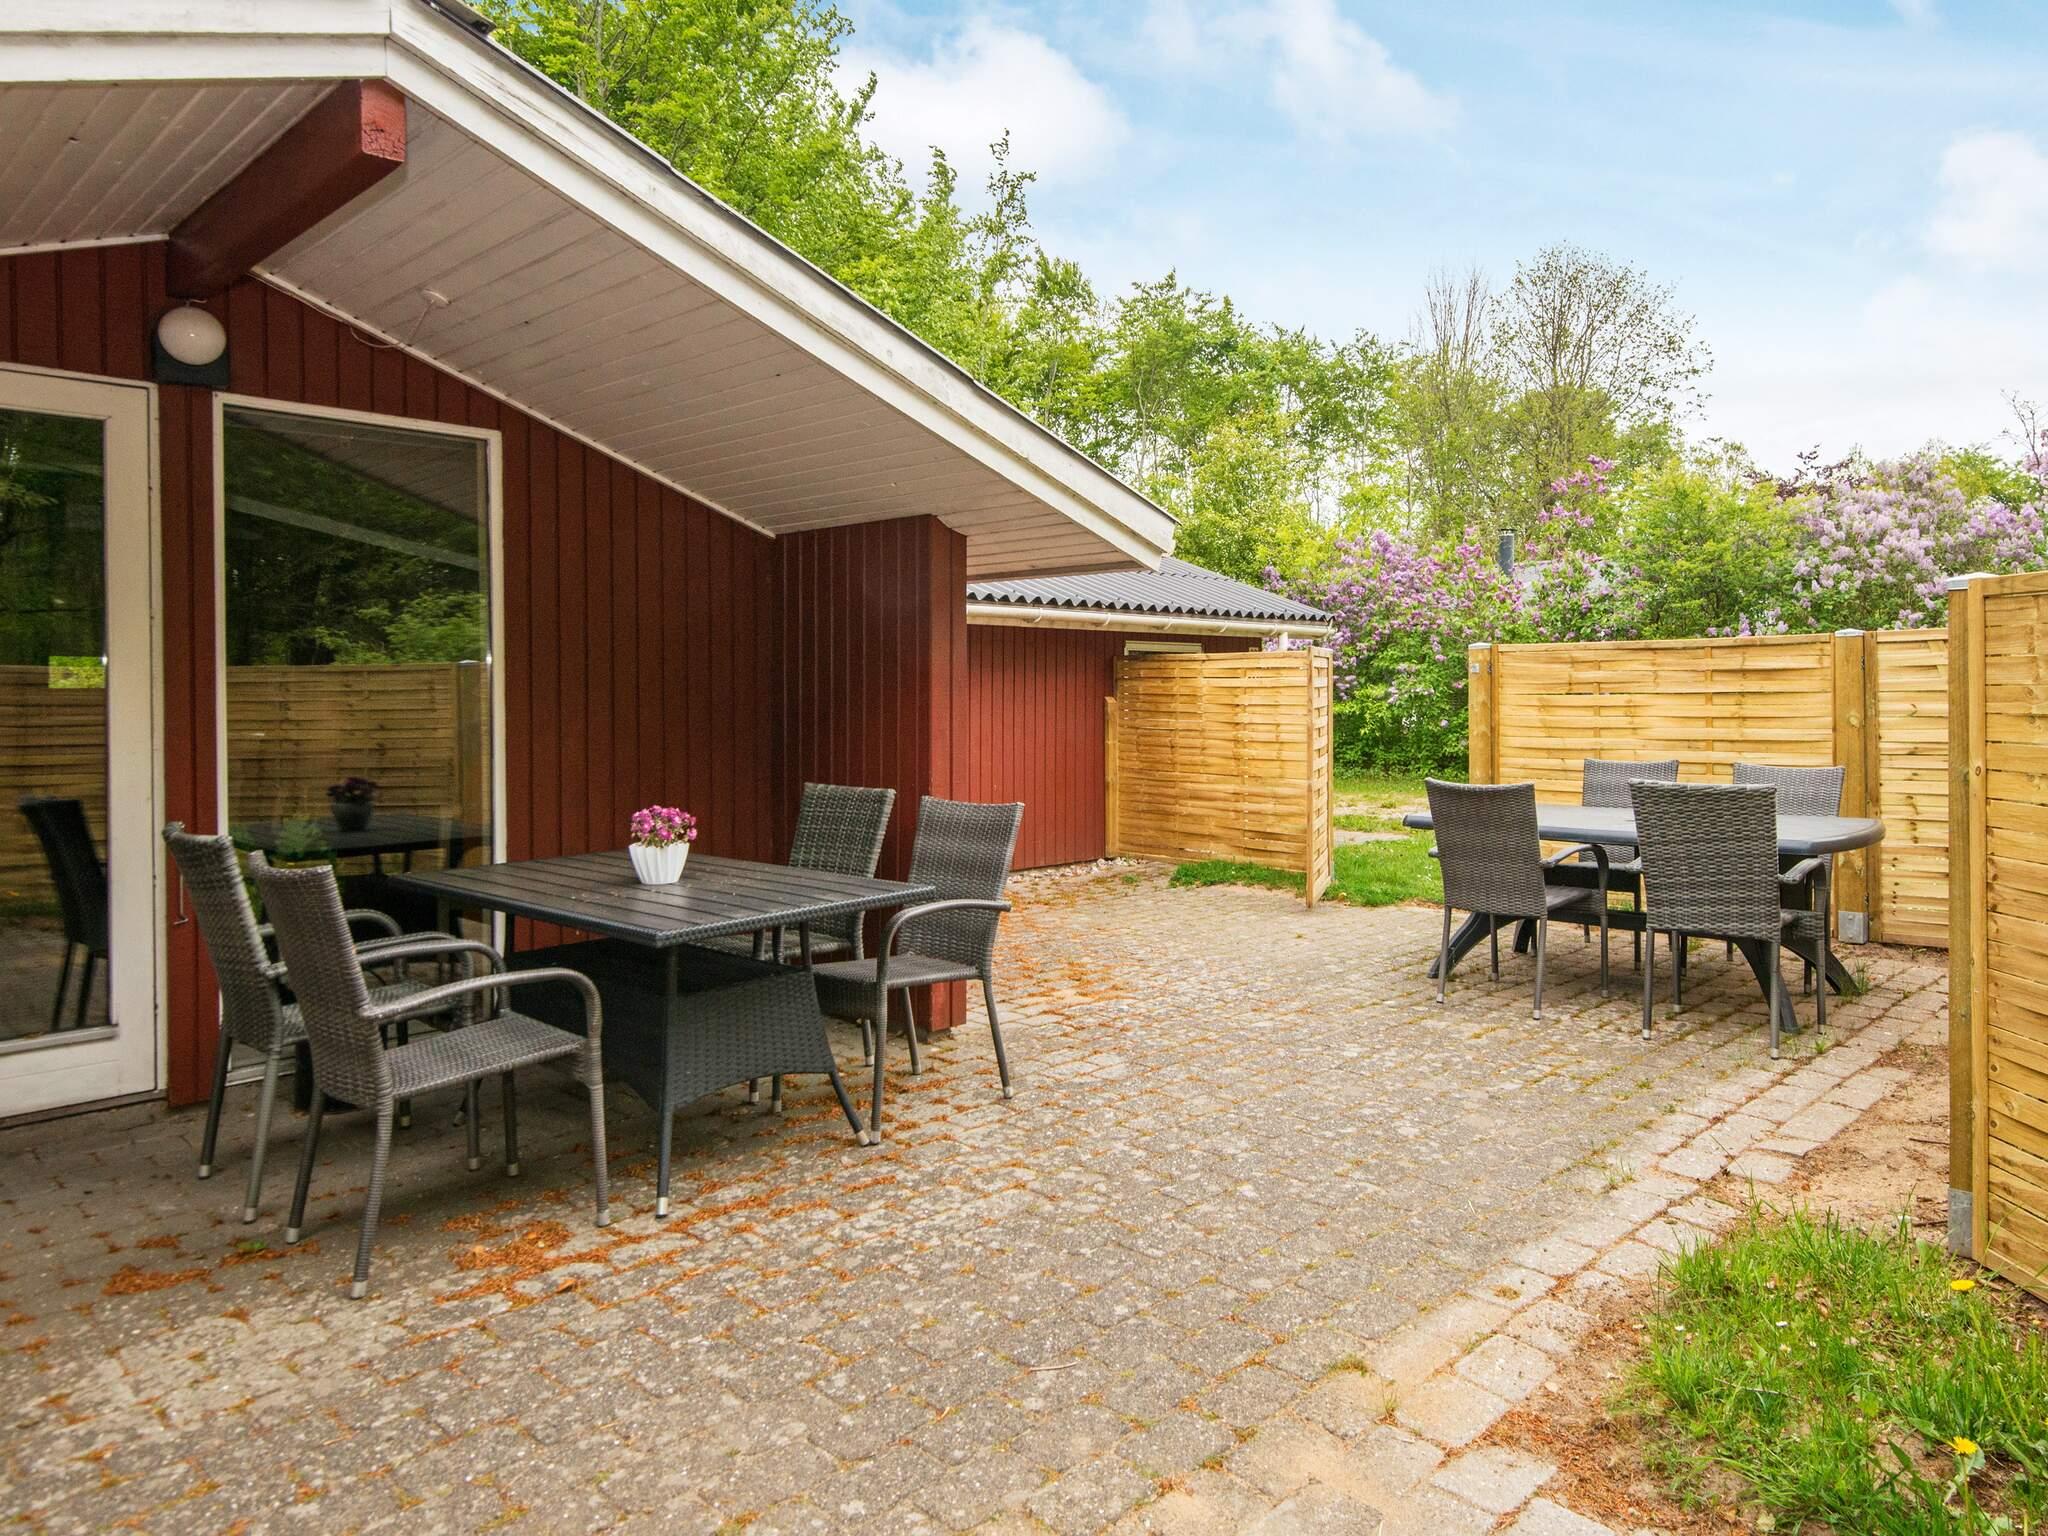 Ferienhaus Arrild (442397), Arrild, , Südjütland, Dänemark, Bild 21